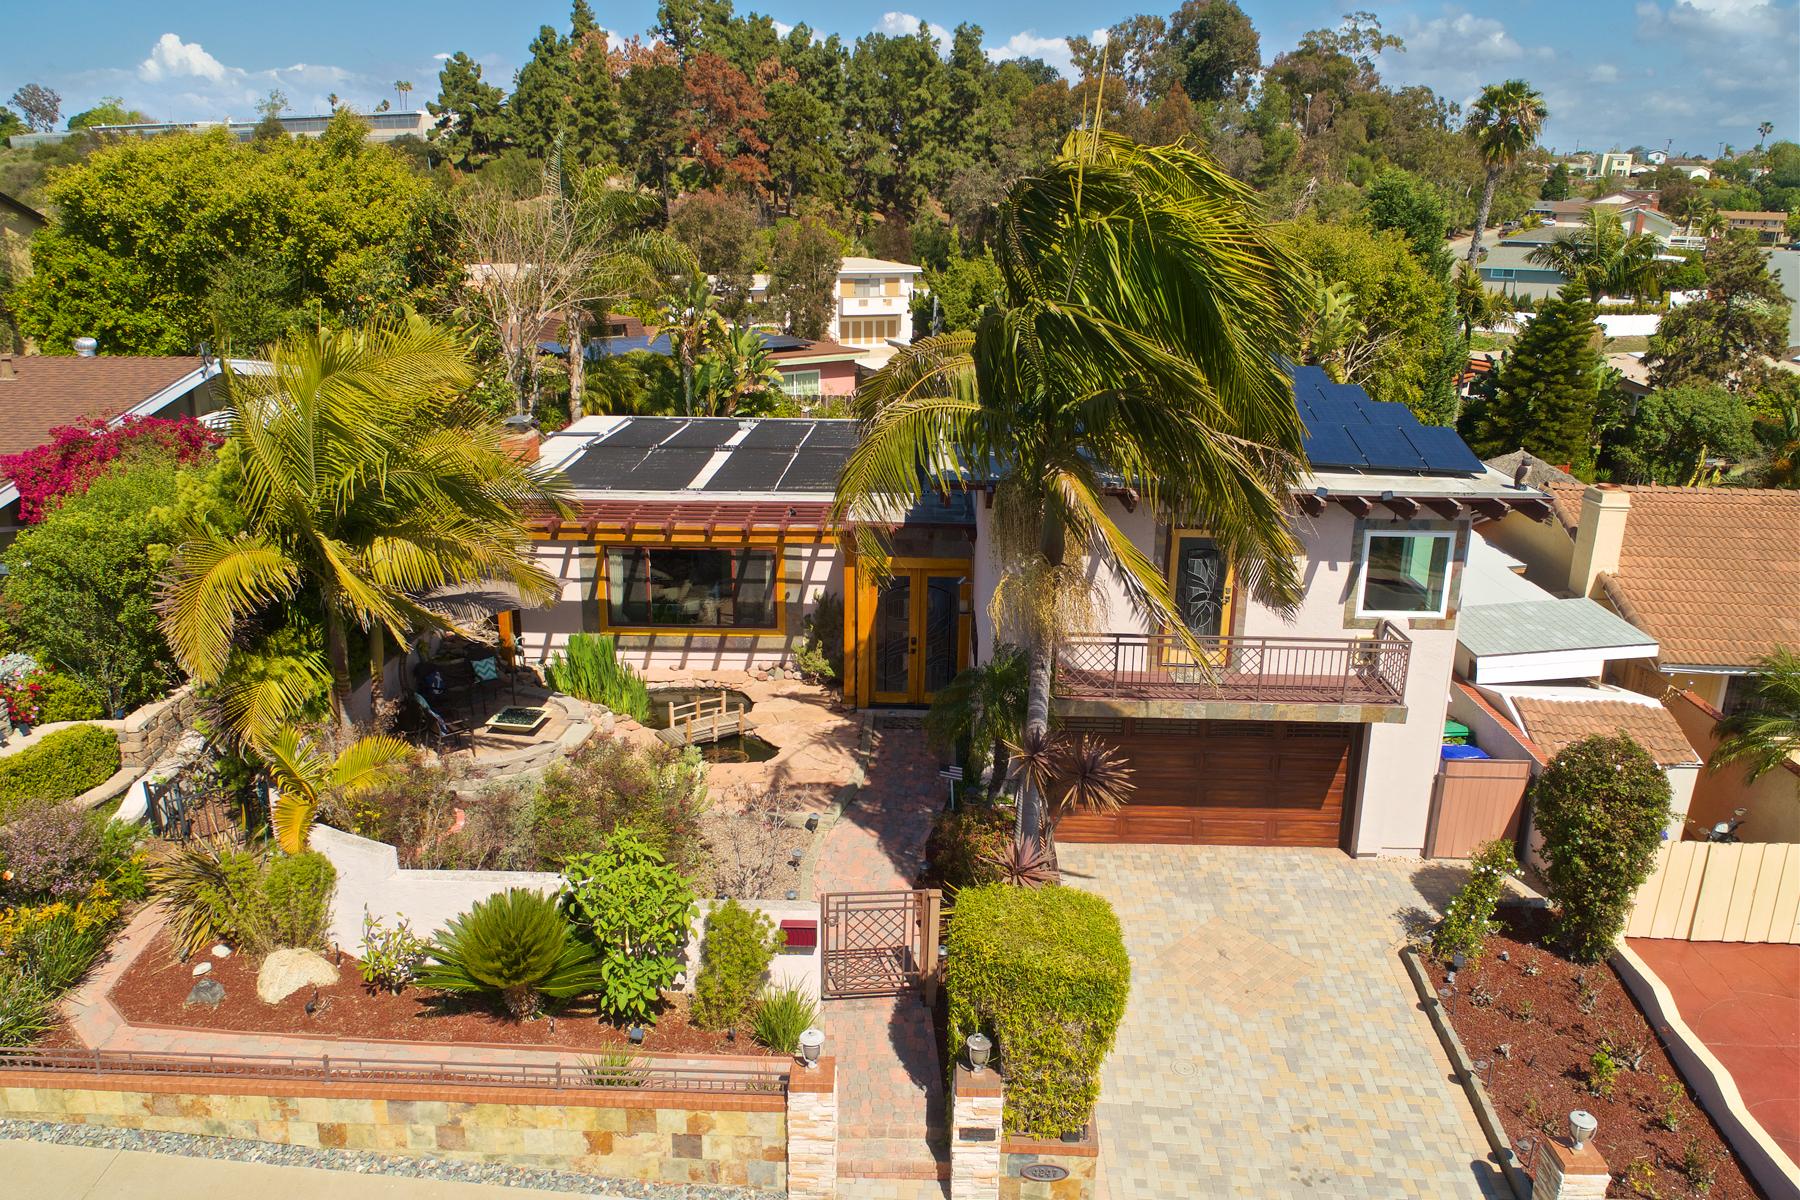 Частный односемейный дом для того Продажа на 4247 Huerfano San Diego, Калифорния, 92117 Соединенные Штаты